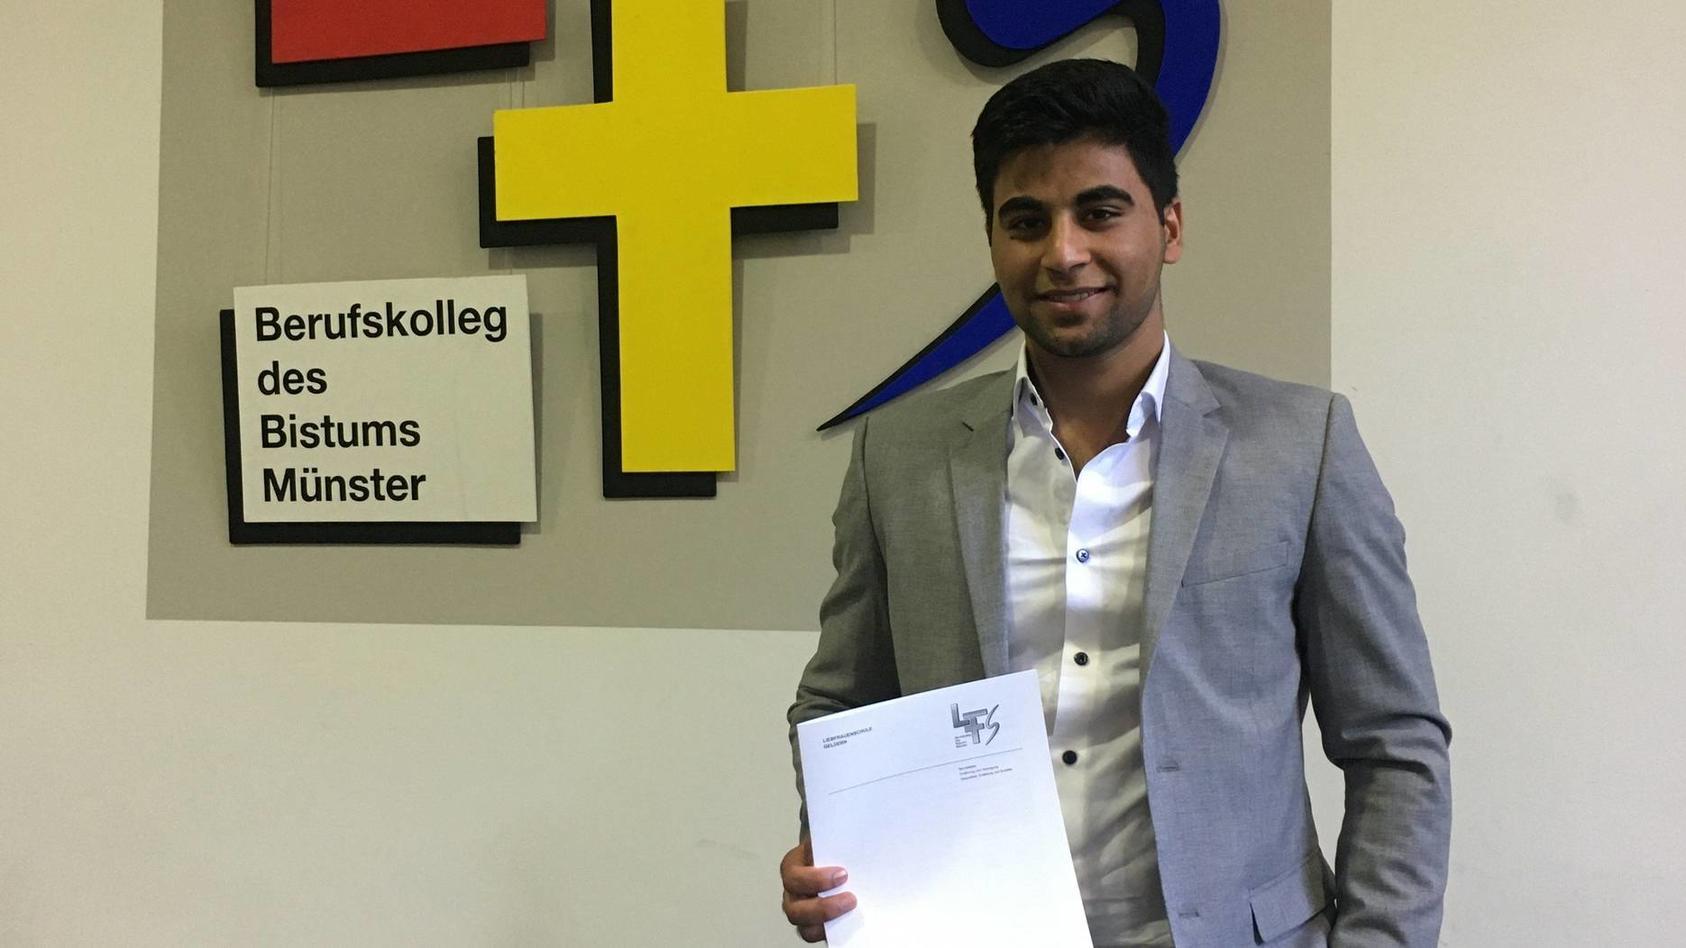 Nesar Ahmad Aliyar hat es geschafft: Obwohl er erst vor fünf Jahren aus Afghanistan nach Deutschland kam, hat er in Windeseile Deutsch gelernt und jetzt sein Abitur mit einem Durchschnitt von 0,8 abgeschlossen.